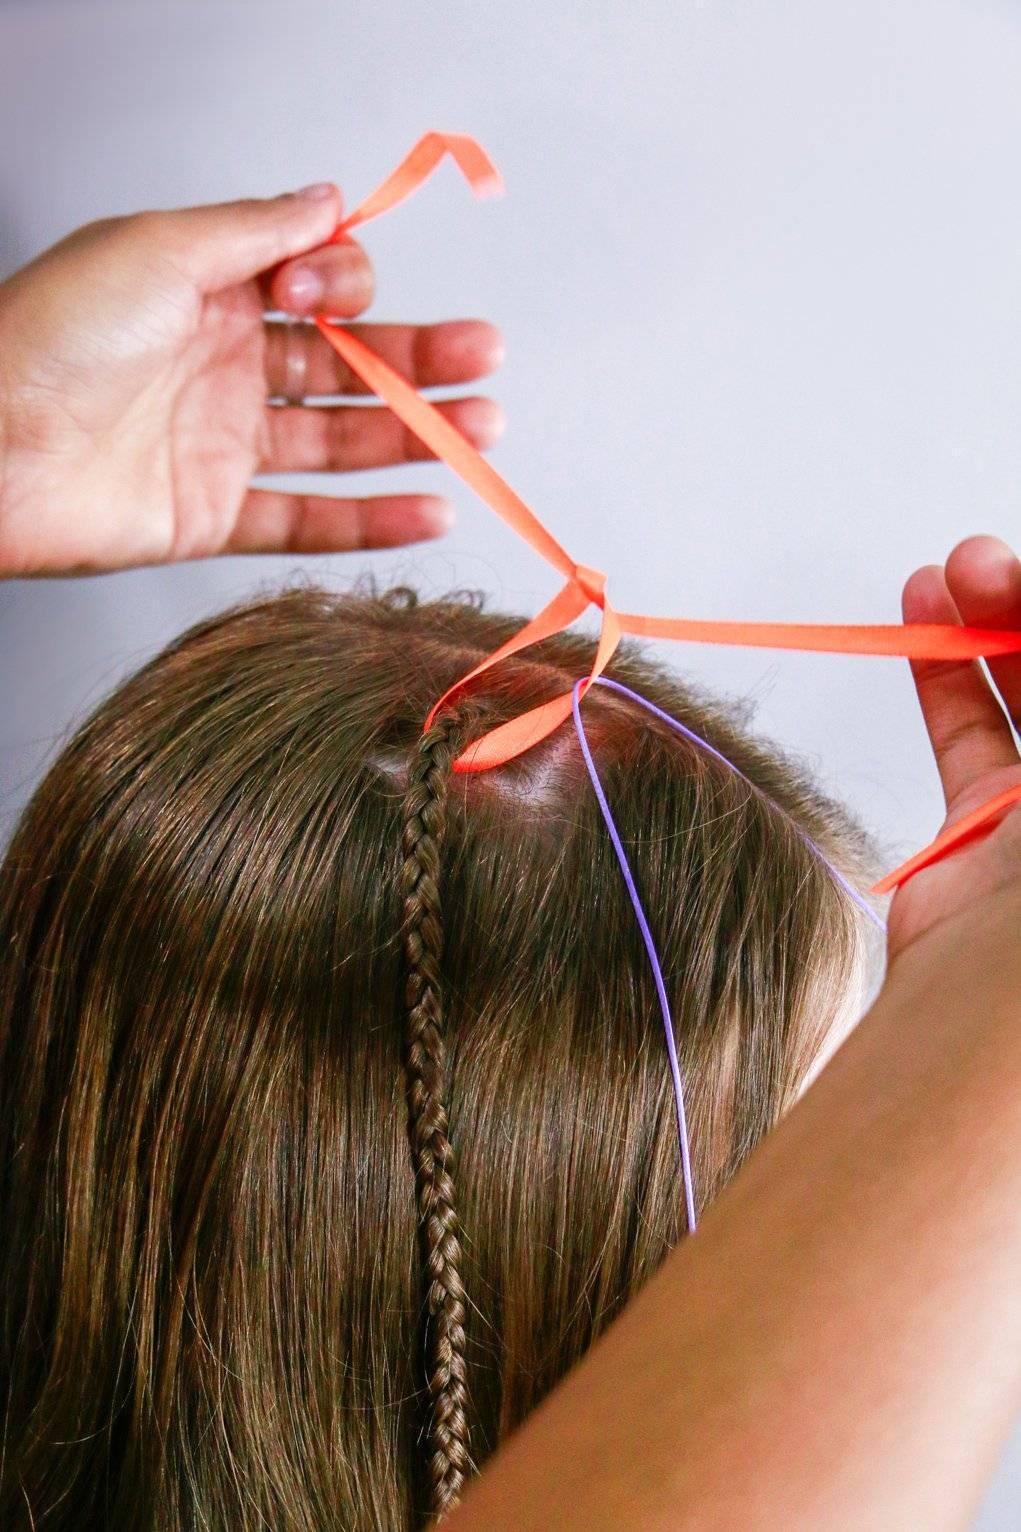 Pegue uma fita colorida e corte na medida do cabelo e também faça isso com uma linha encerada João Guizze/ Divulgação